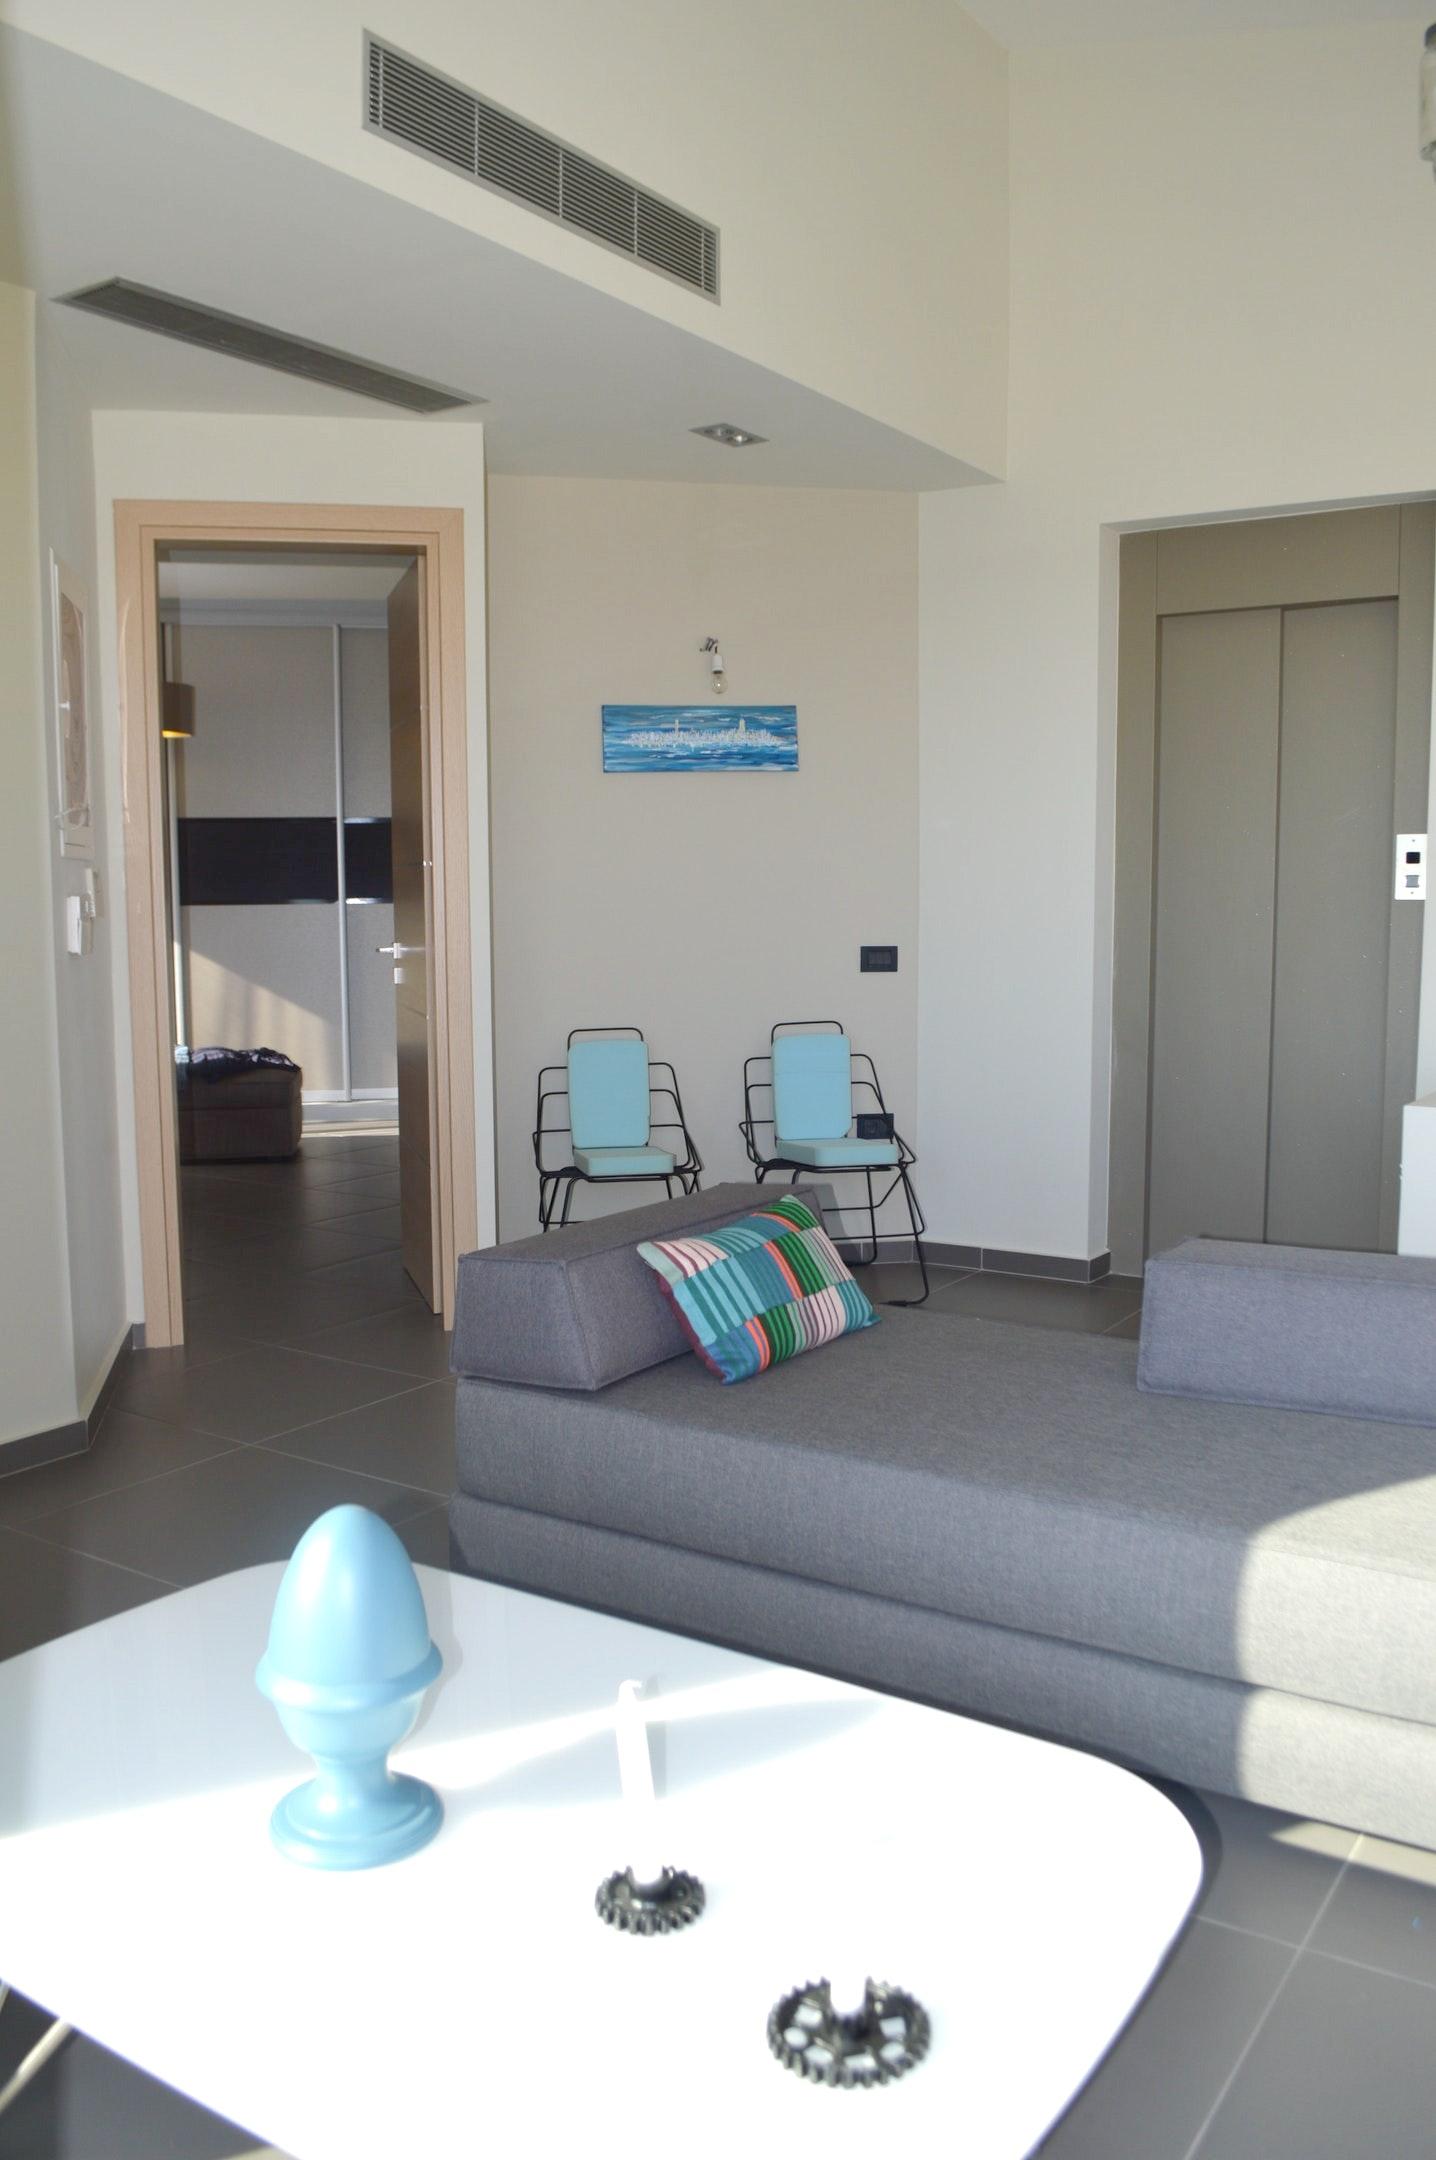 Maison de vacances Villa mit 4 Schlafzimmern in Anavissos mit herrlichem Meerblick, privatem Pool, eingezäunt (2339408), Thimari, , Attique, Grèce, image 9